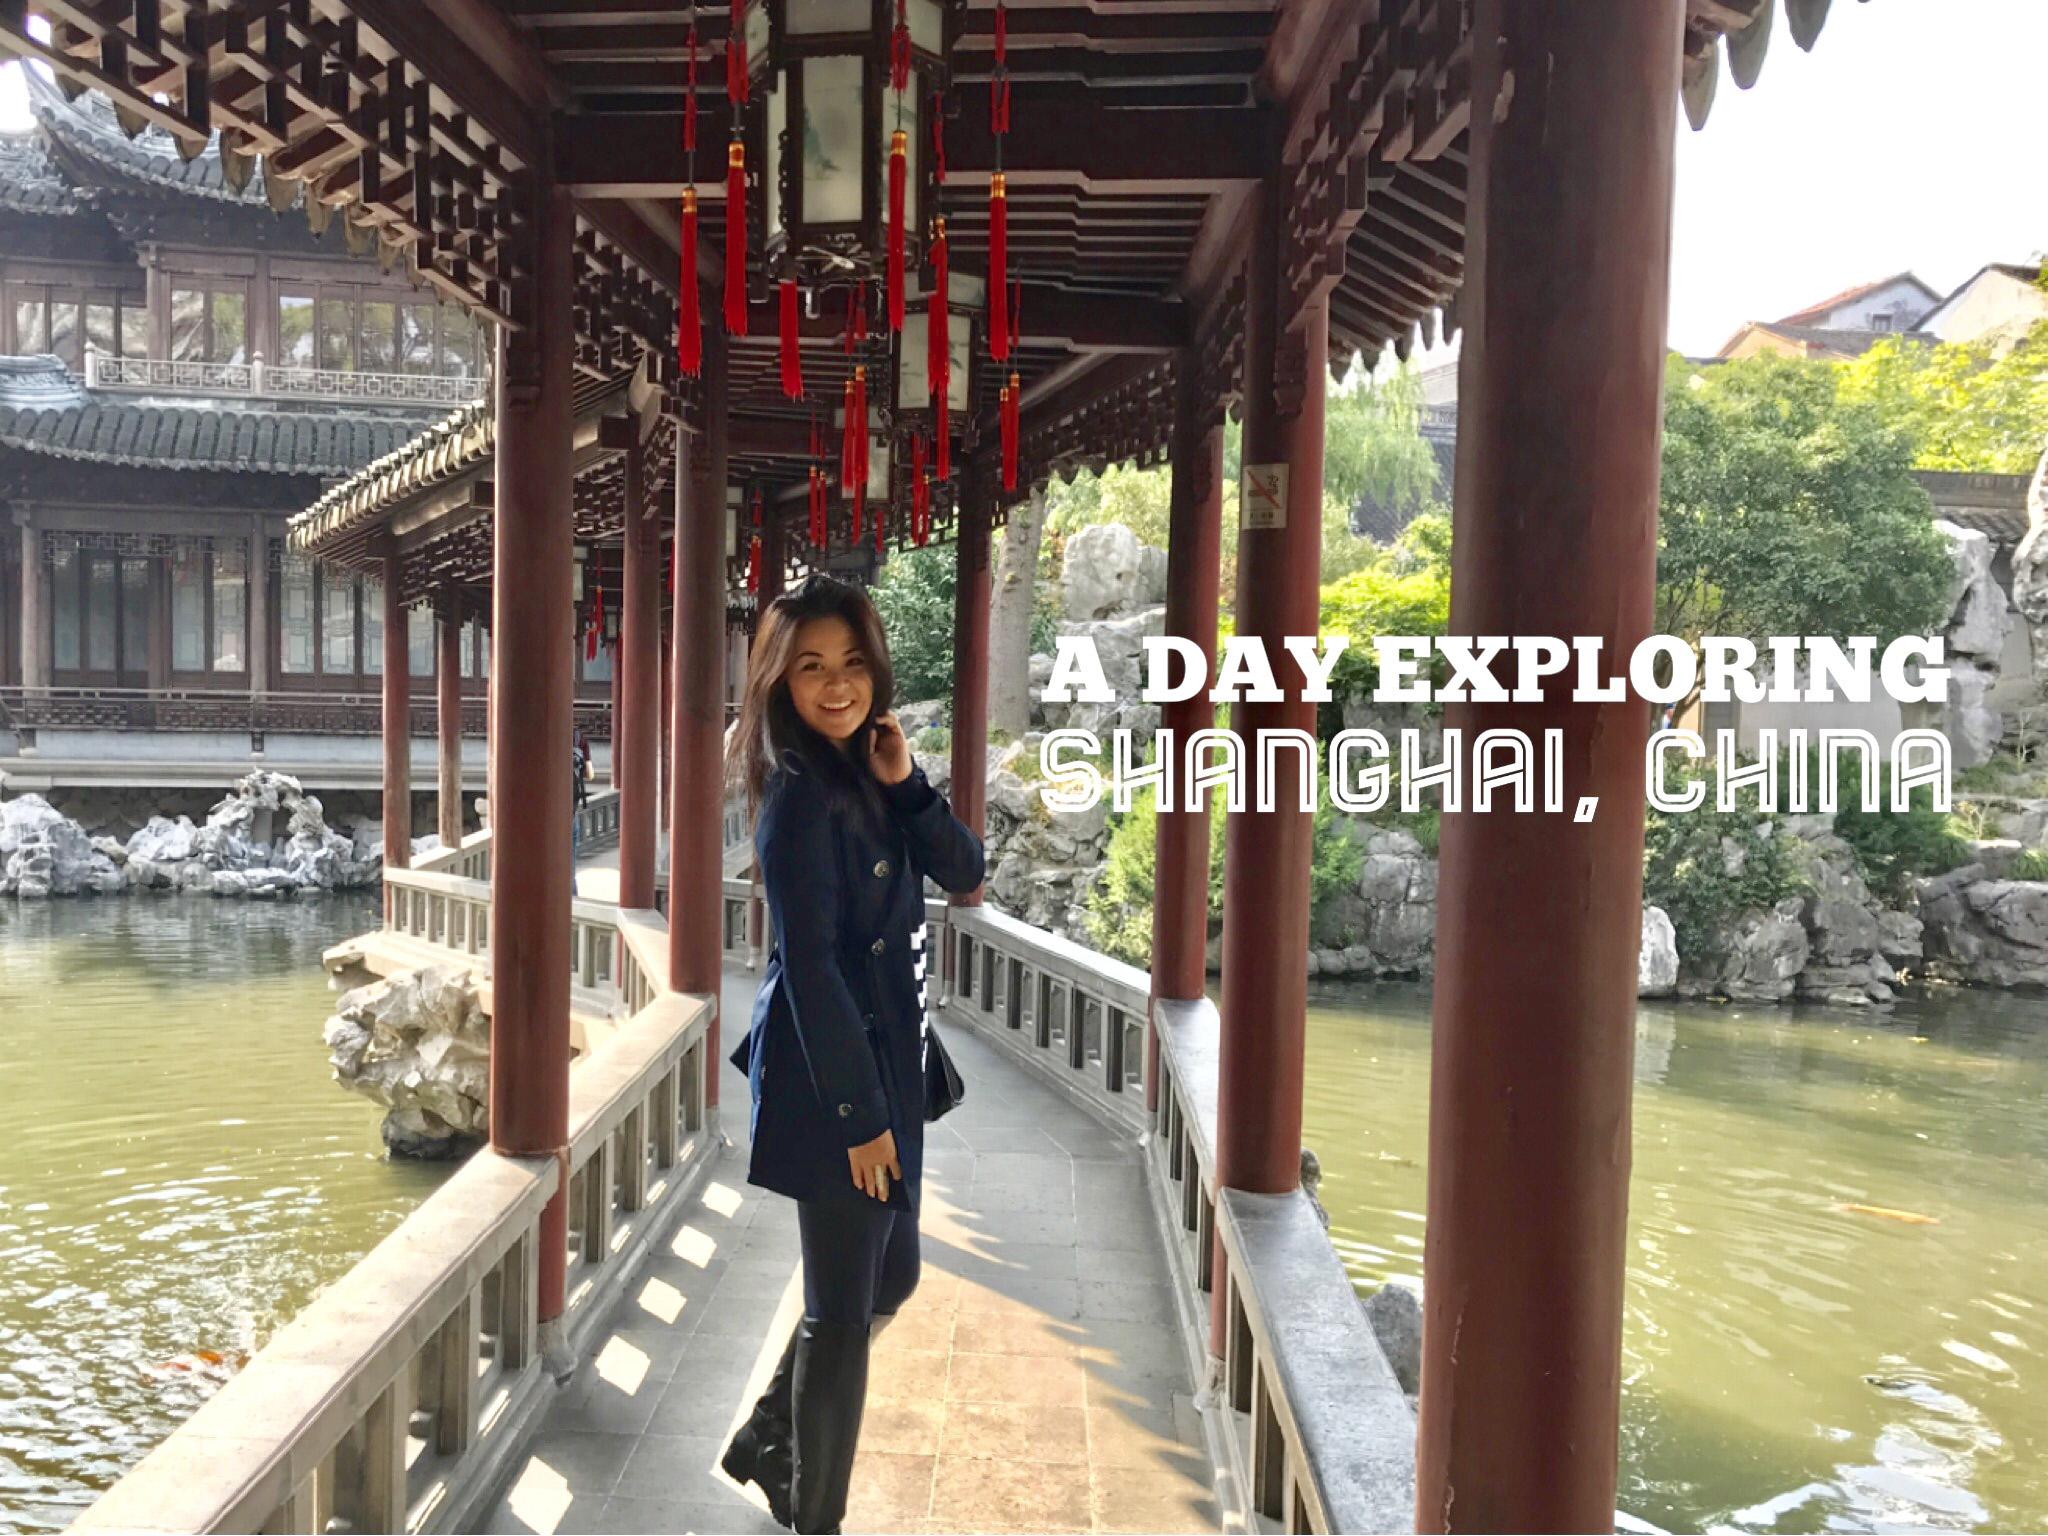 A Day Exploring Shanghai, China